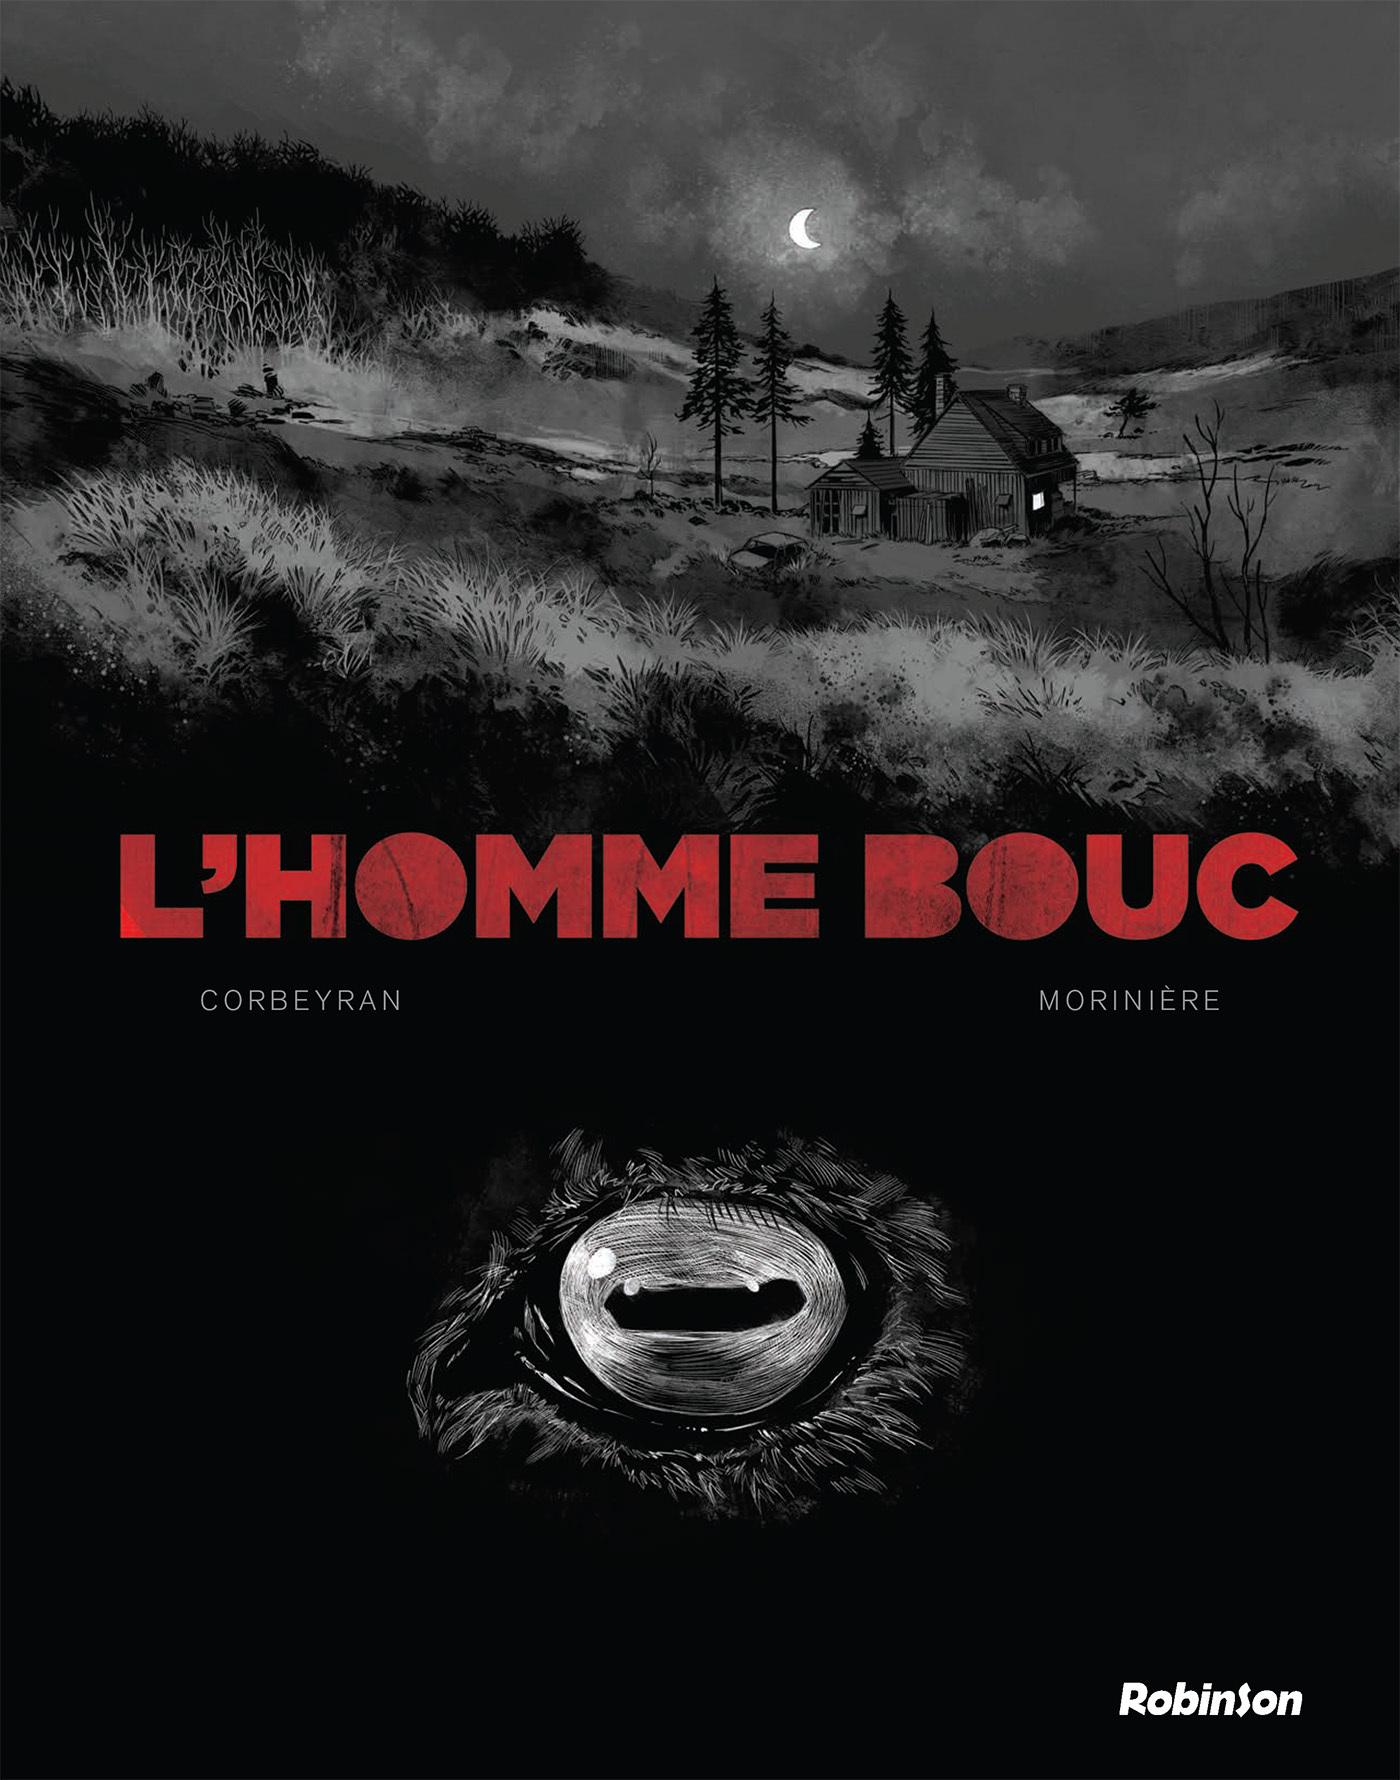 L'HOMME BOUC